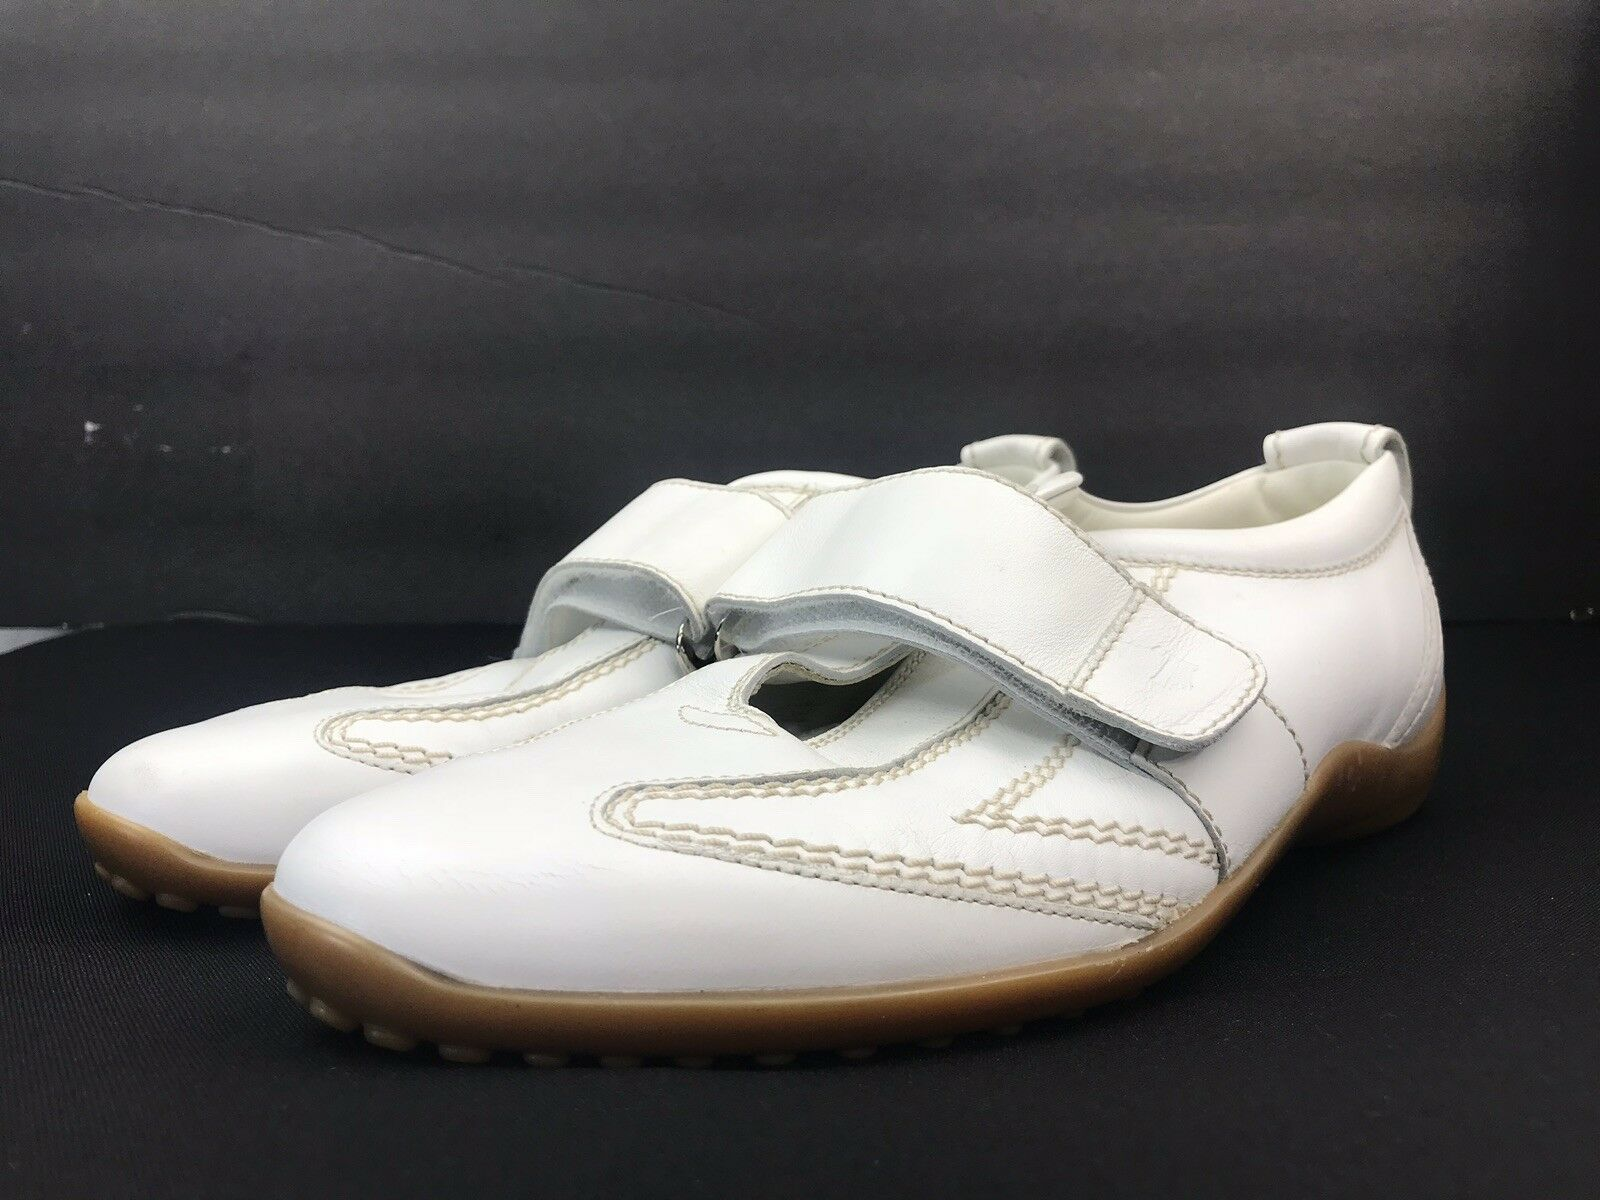 TOD'S Damens's Weiß Größe Round Toe Strap Fashion Sneakers Größe Weiß US 8 Excellent 8bff25